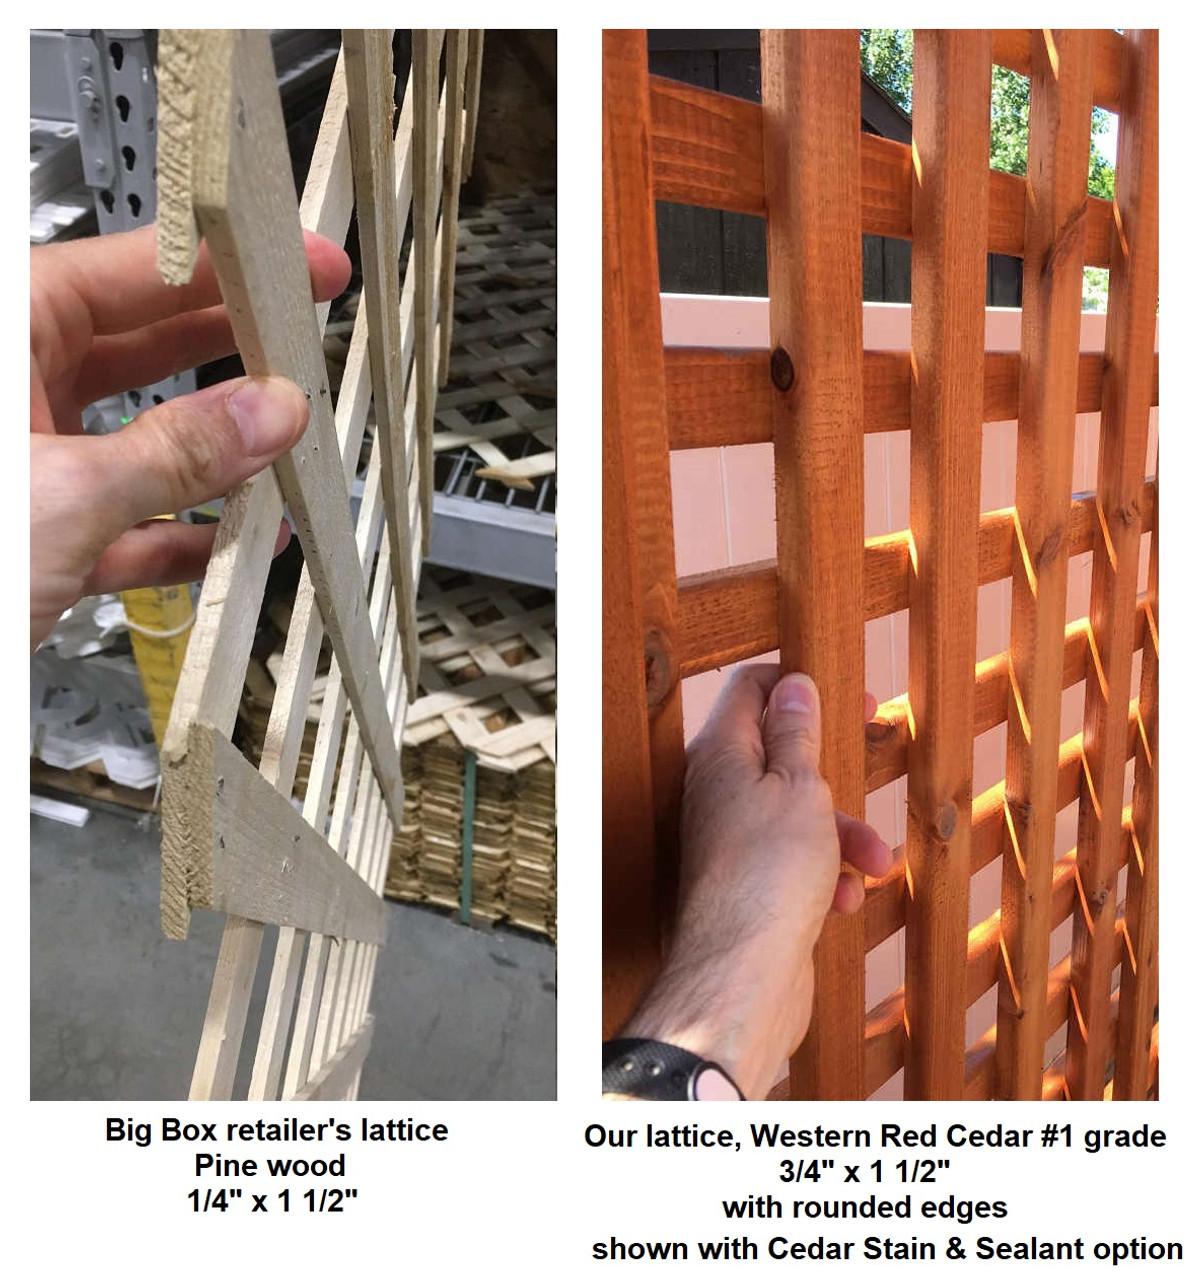 Our lattice versus store bought lattice